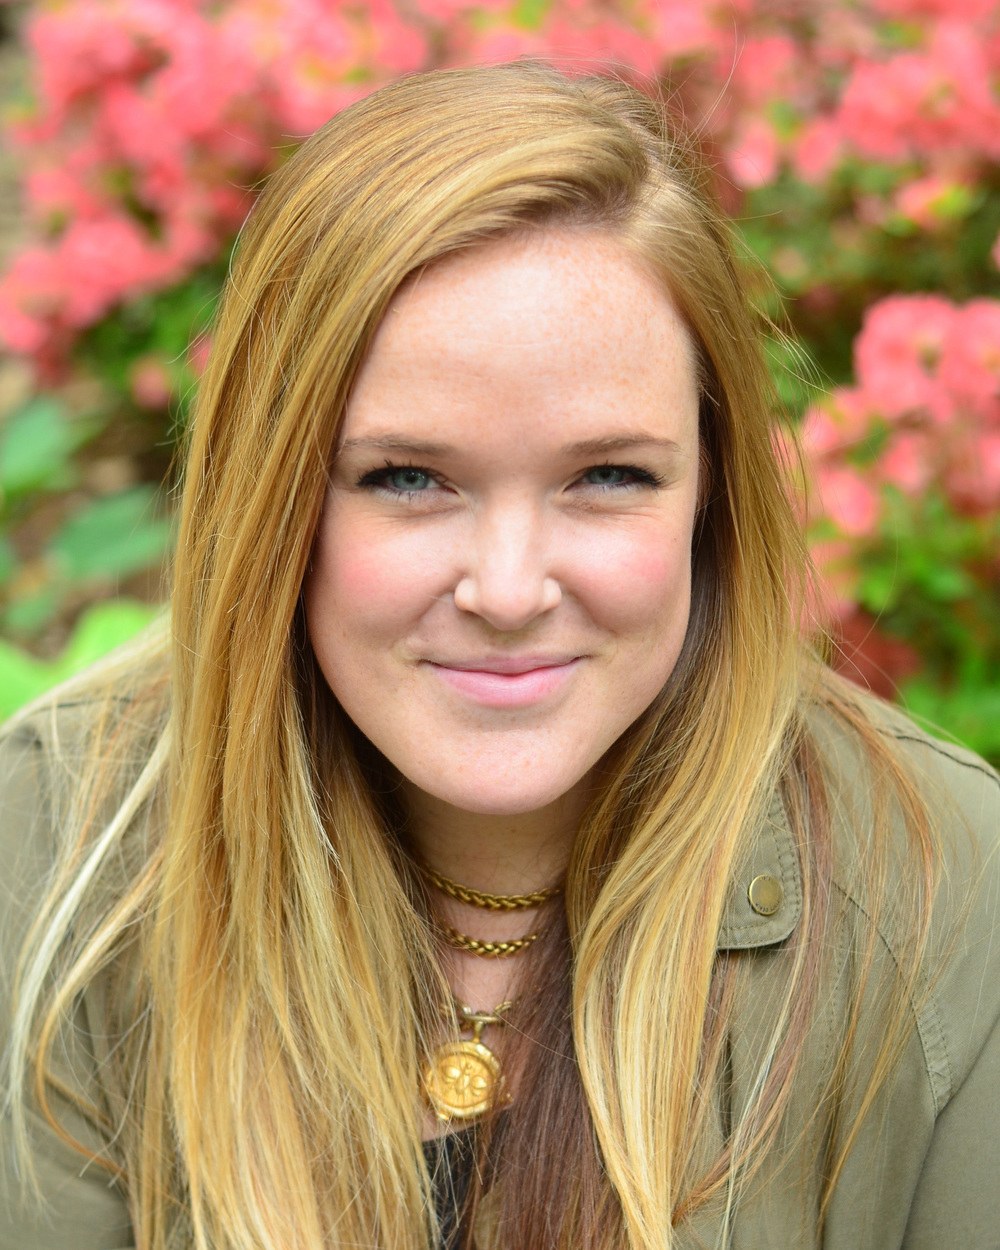 Claire Evans-claire@strohlnco.com